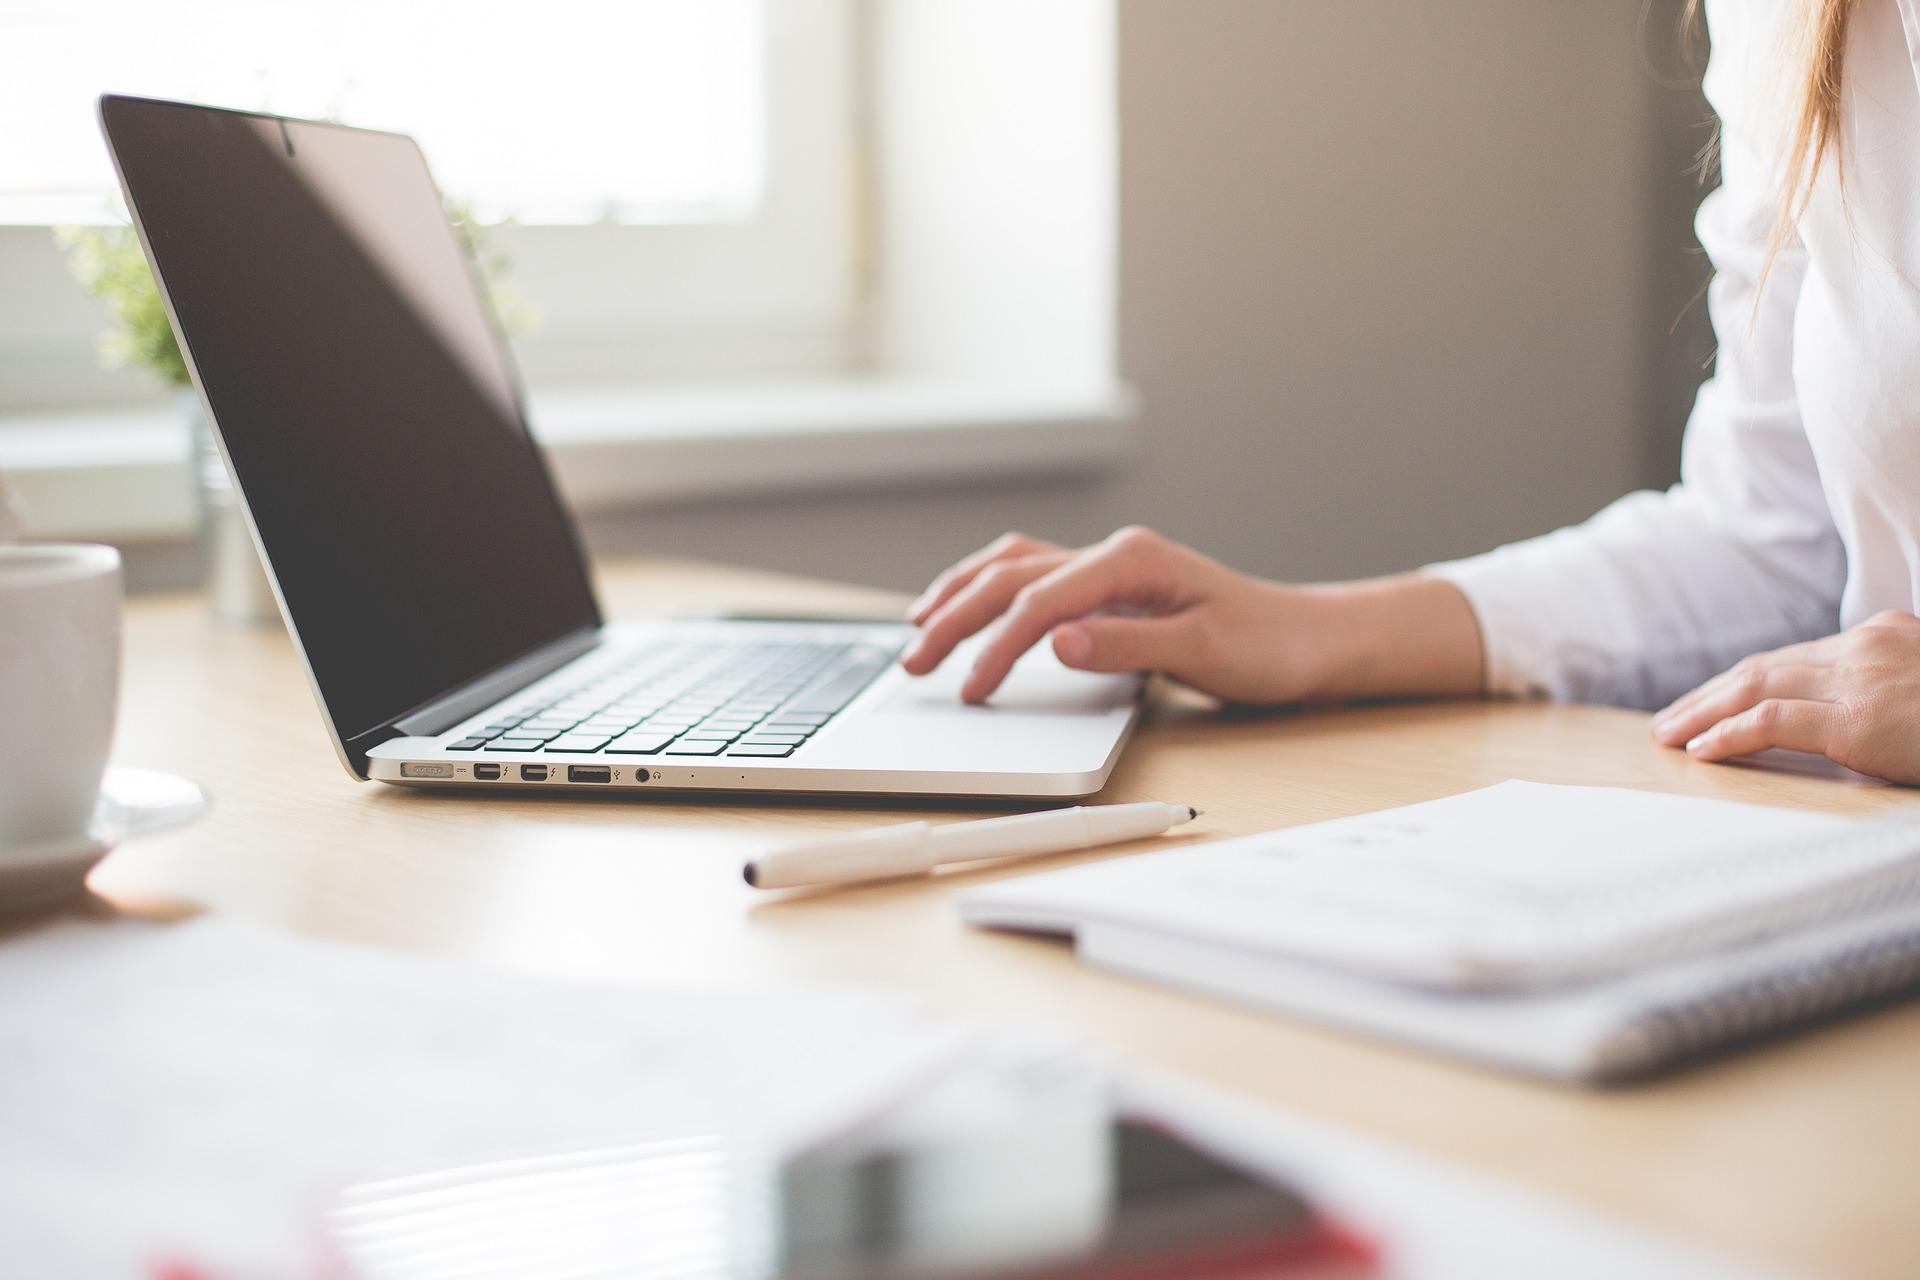 Symboldbild Home Office, das eine Frau an einem Laptop beim Arbeiten zeigt